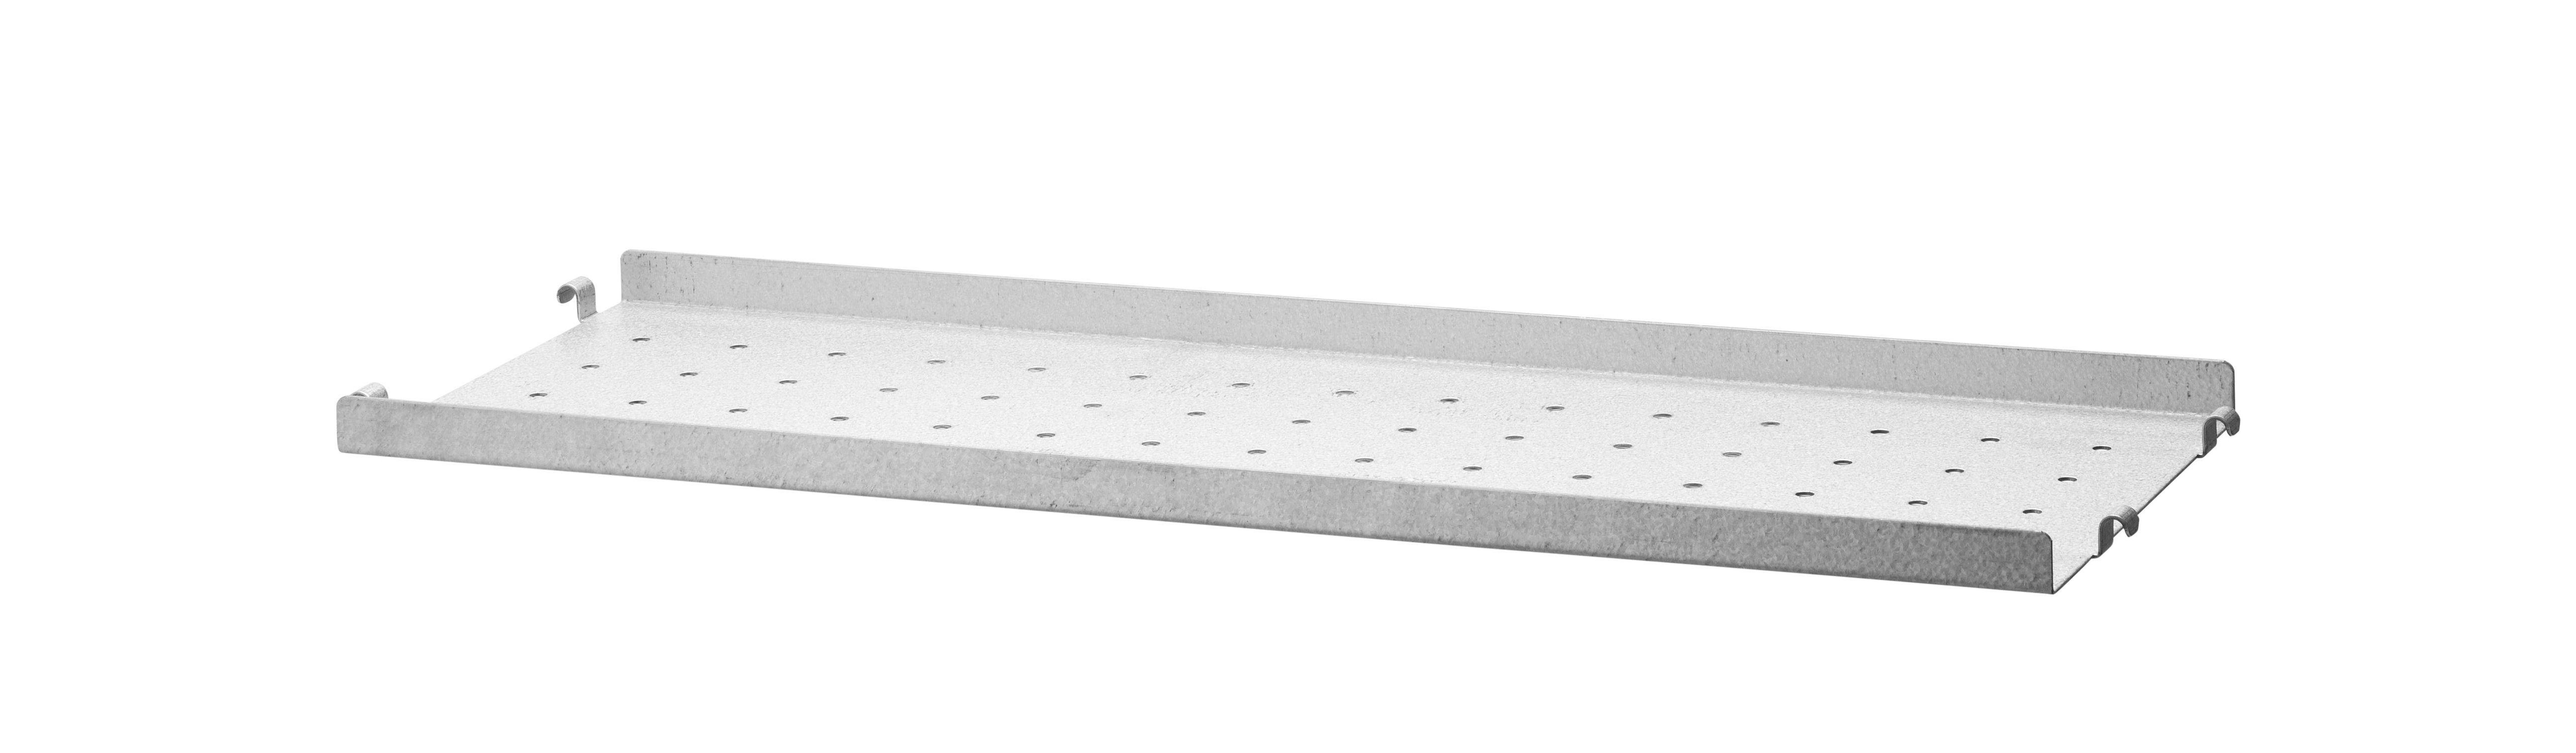 Arredamento - Scaffali e librerie - Scaffale String Outdoor - / Acciaio zincato traforato - Bordo basso - 58 x P 20 cm di String Furniture - Acciaio zincato - Aluzinc